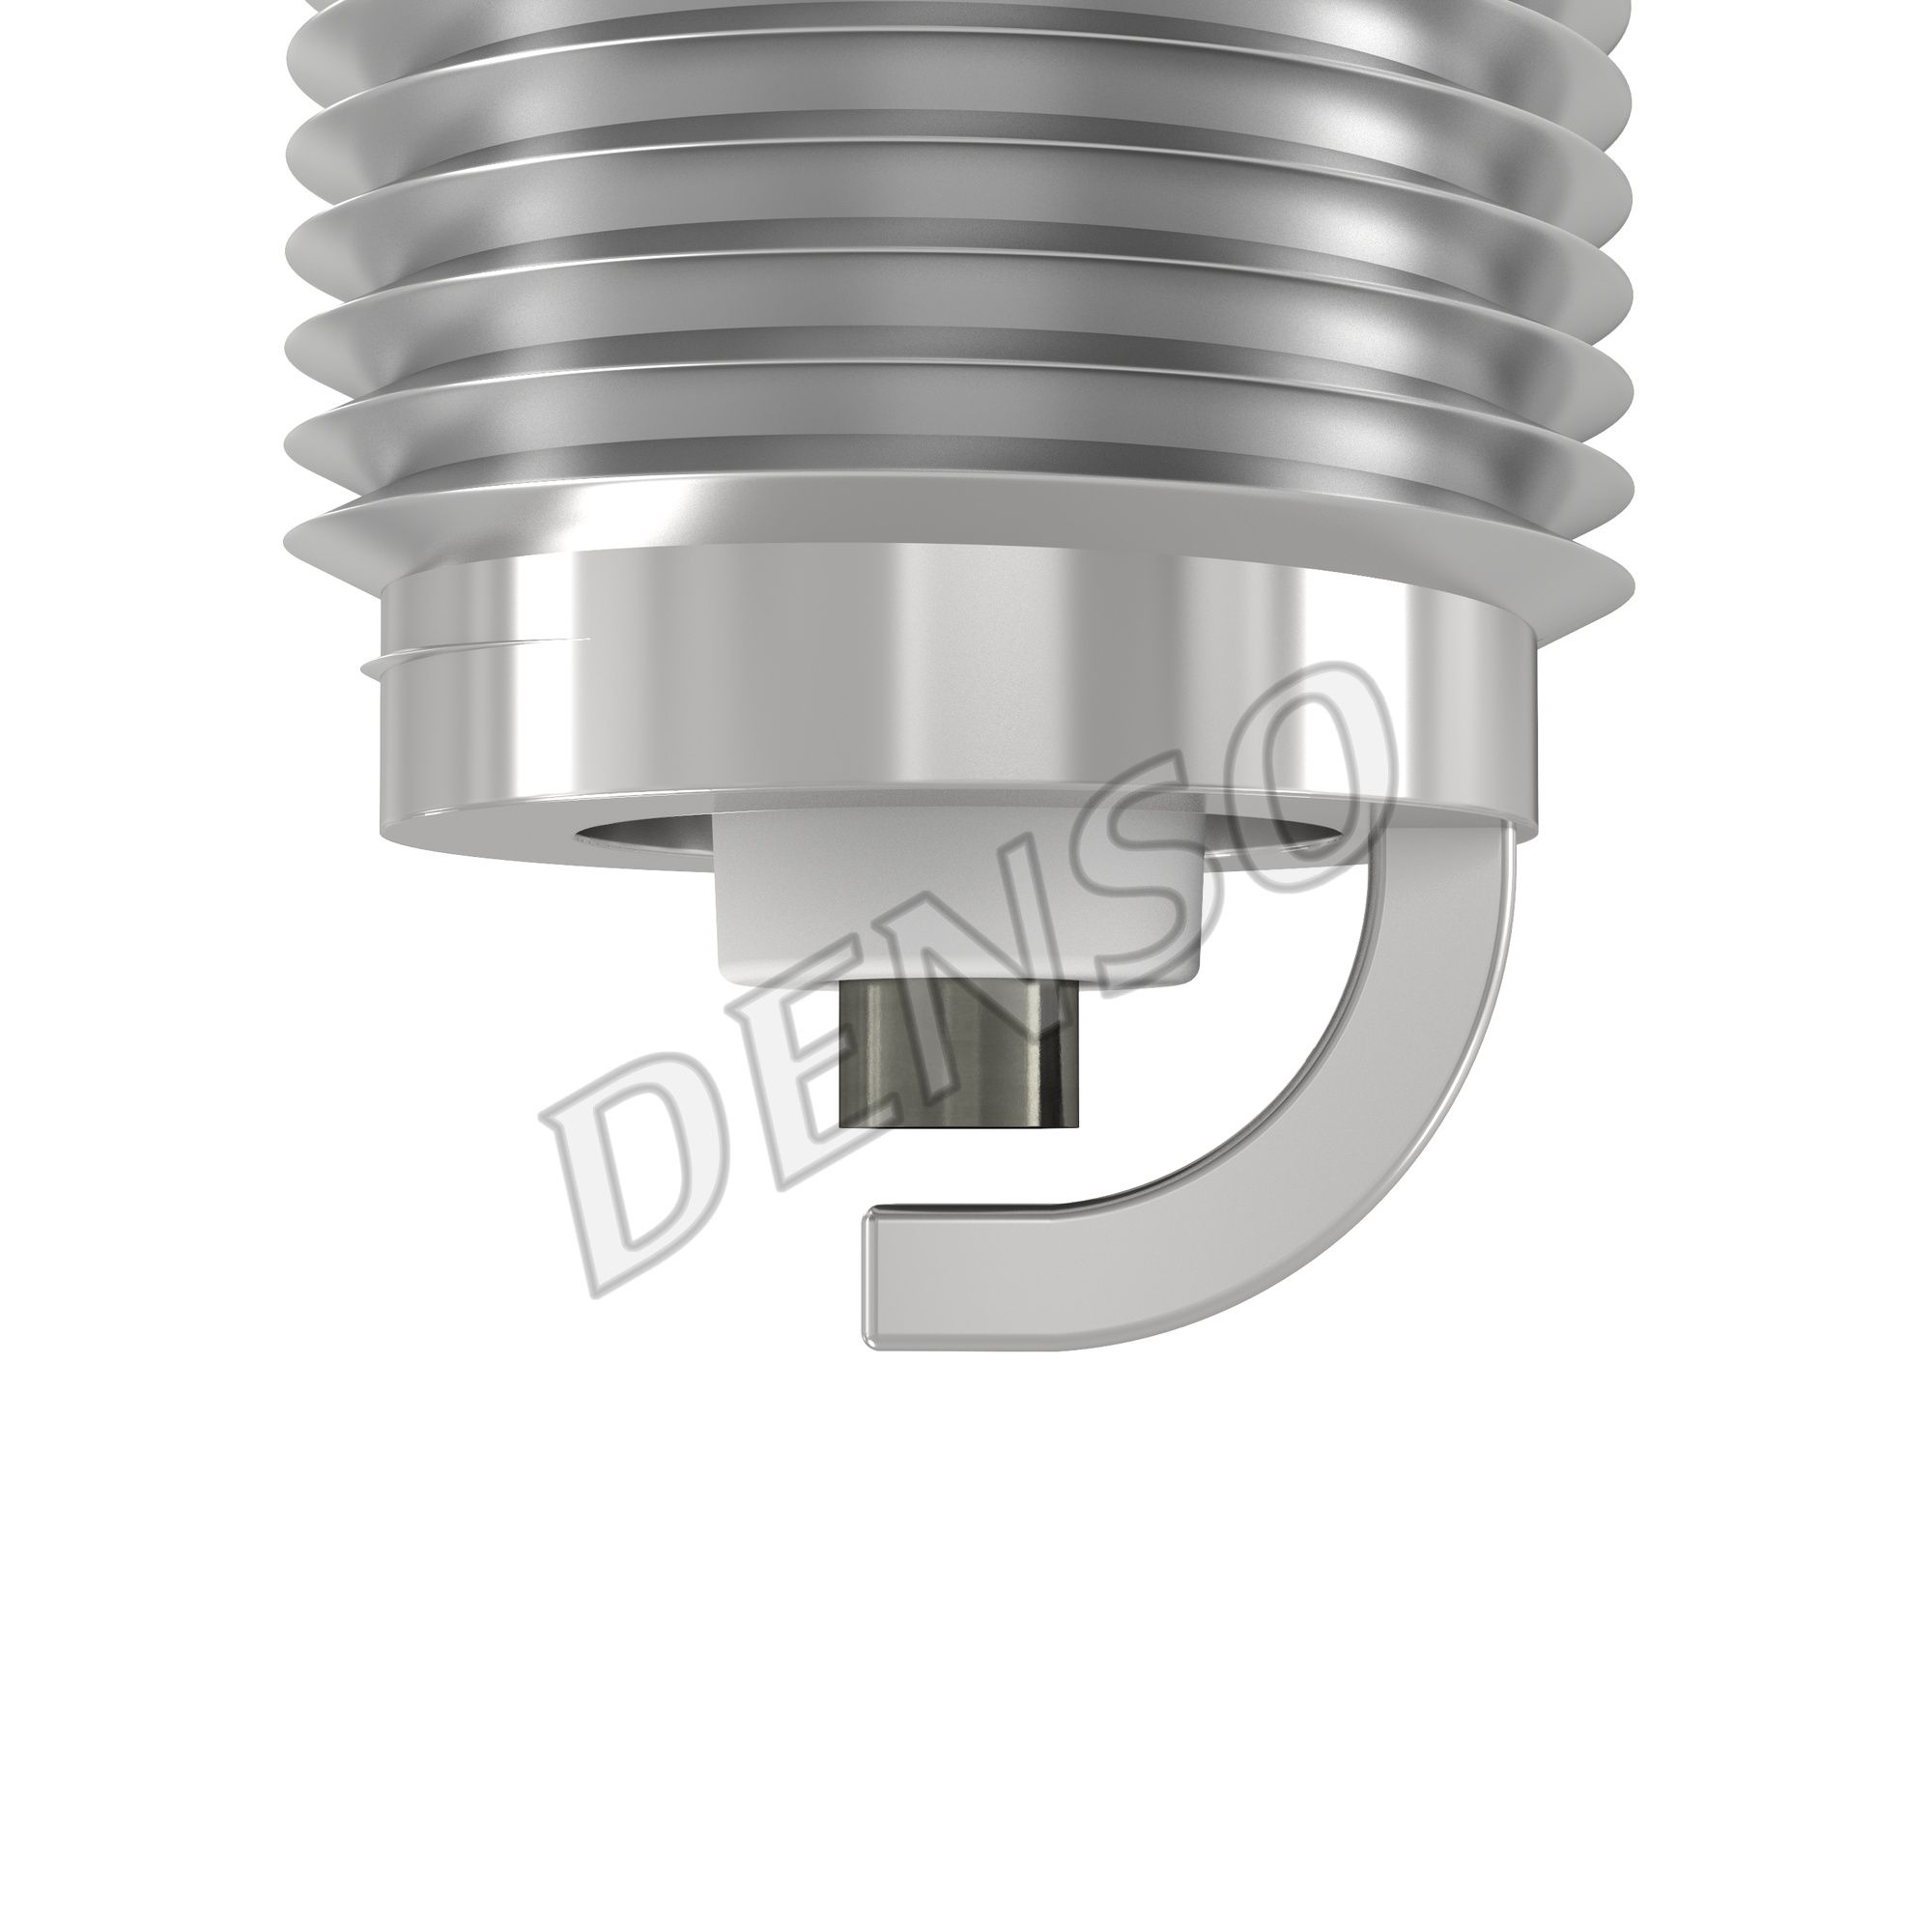 Köp DENSO W20EPR-U - Tändsystem och glödsystem till Volvo: N.vidd: 20.6